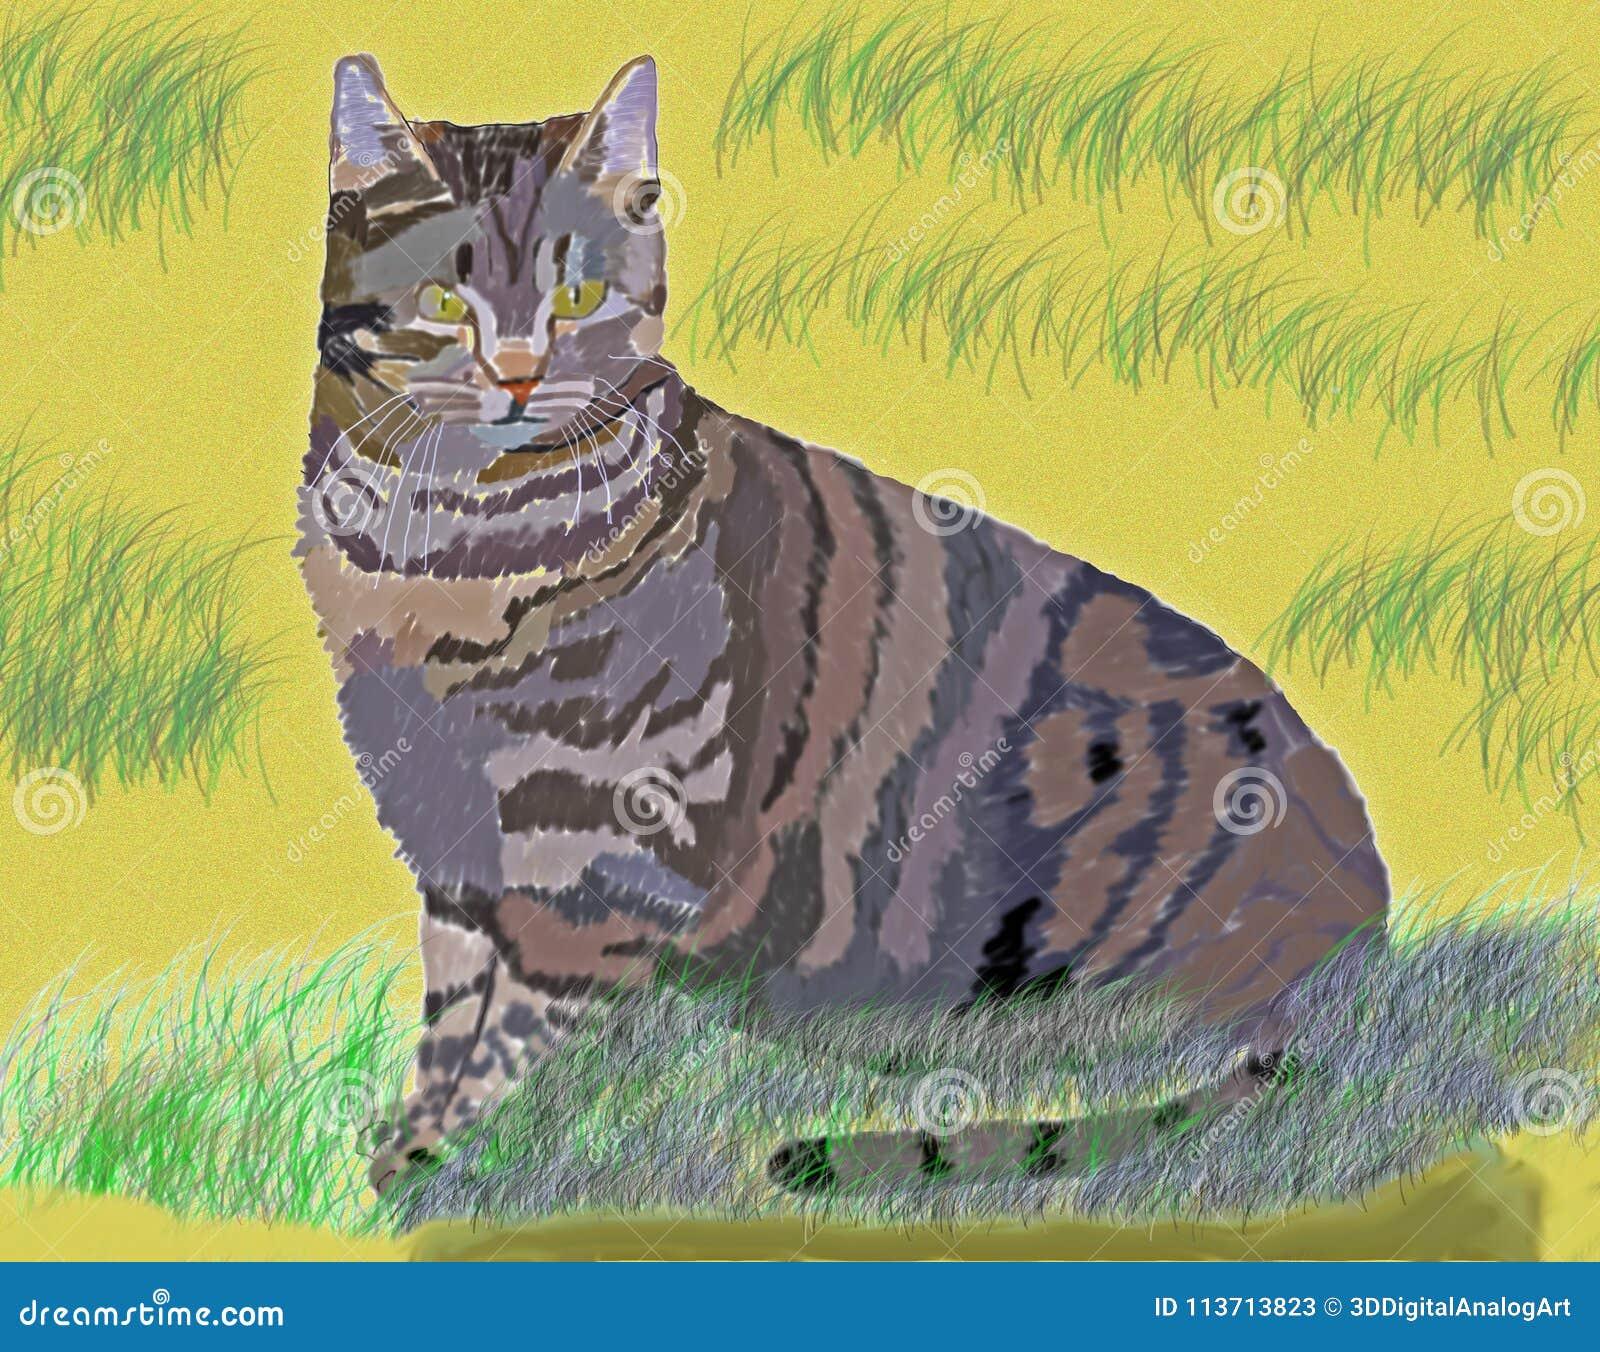 Katt i sanddyerna - Digital konst